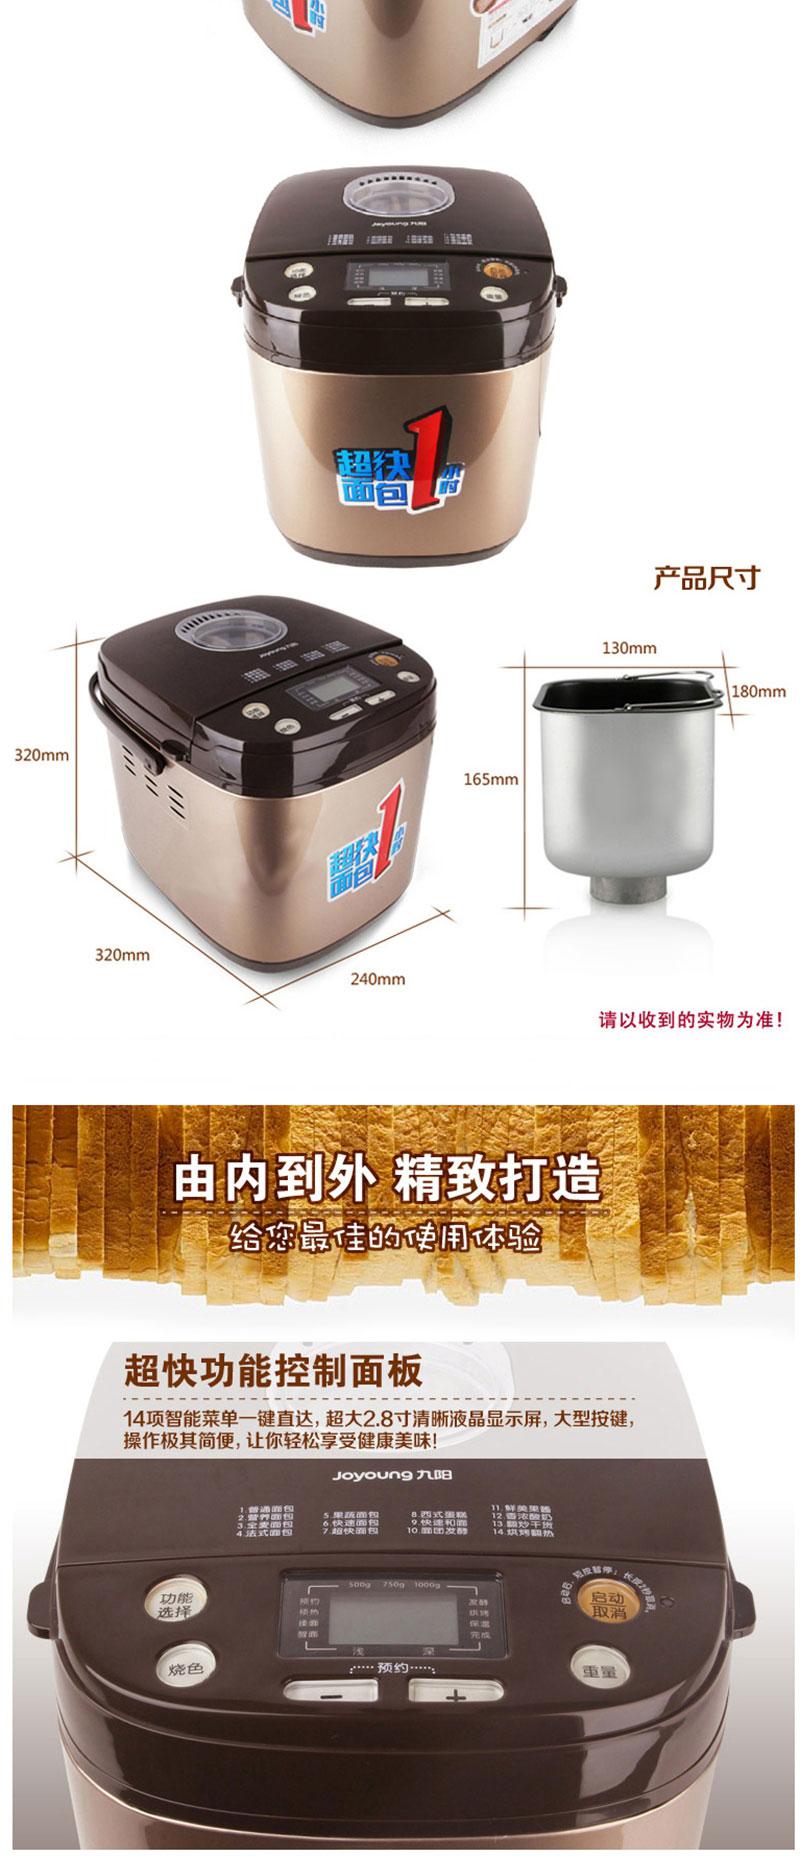 九阳 Joyoung 面包机MB 100Y10